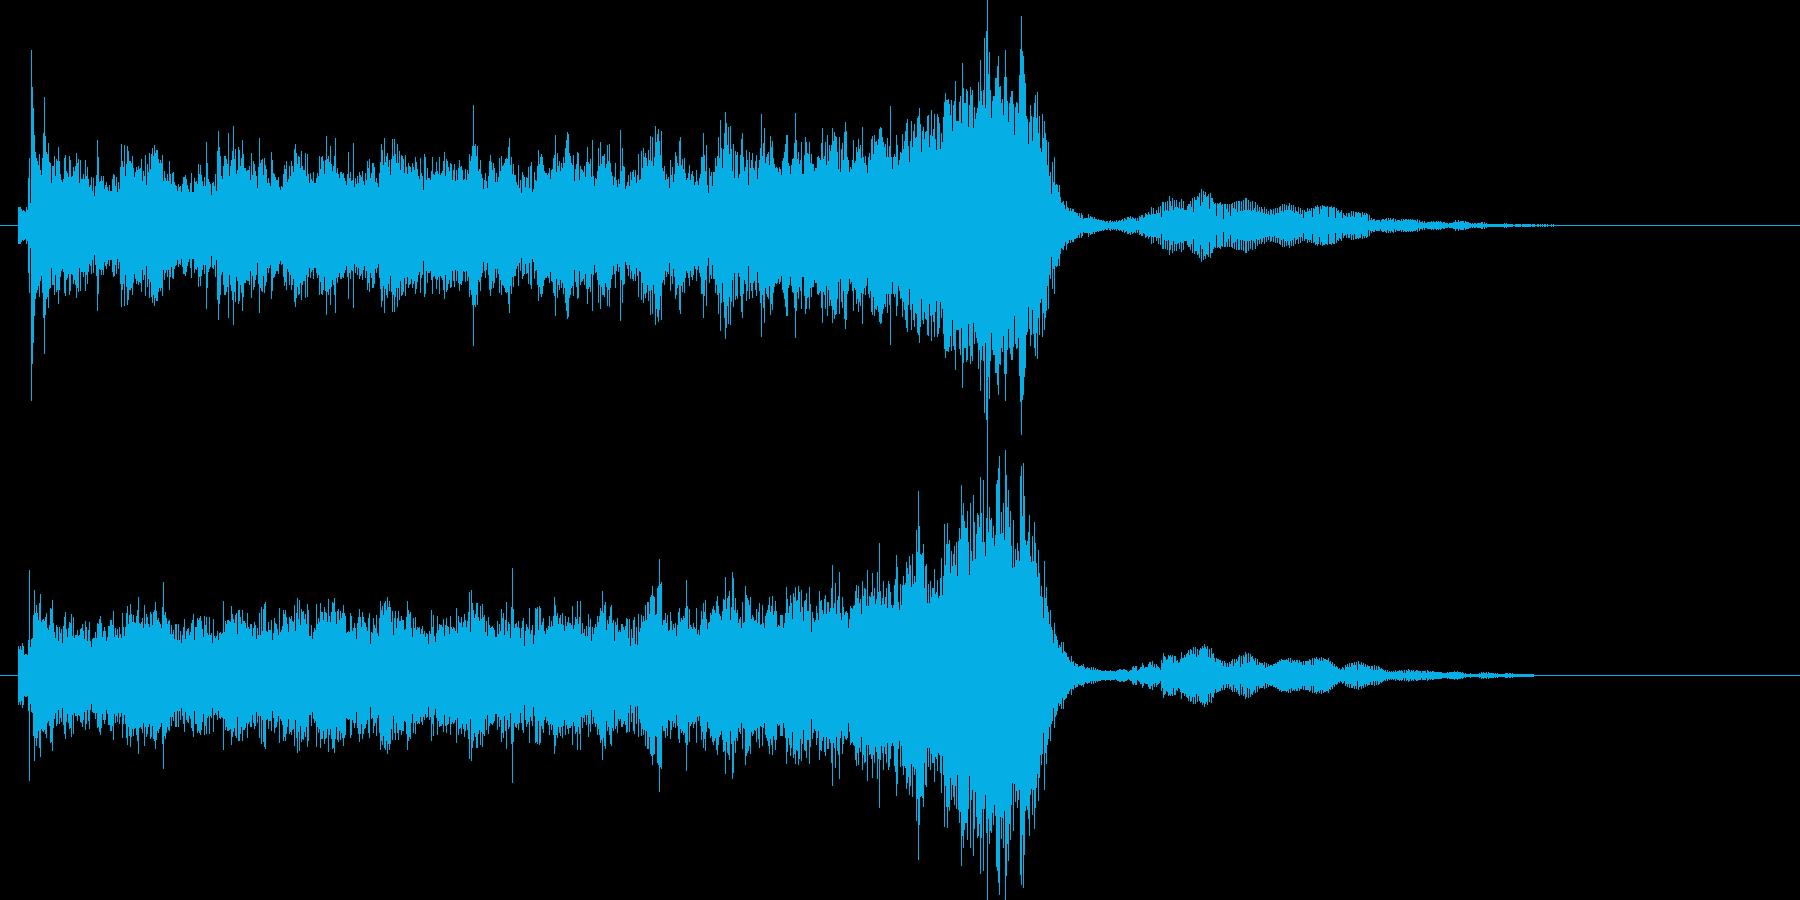 ホラーで奇妙な効果音の再生済みの波形